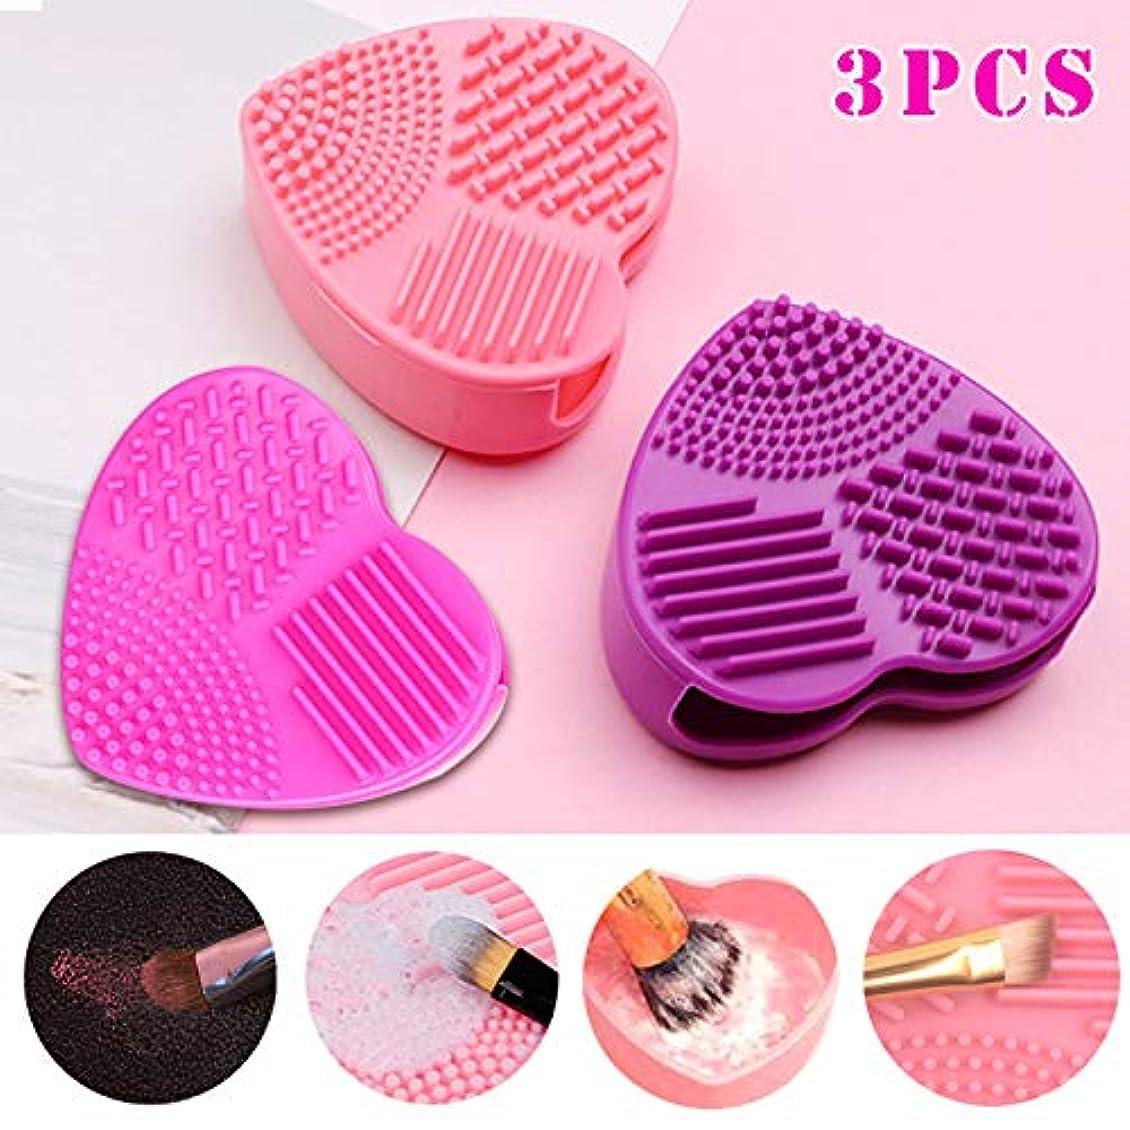 ライラックインサート機動Symboat 3つのハート型の化粧ブラシのクリーニングパッド 洗浄ブラシ ピンクのハート形 化粧ブラシ用清掃パッド